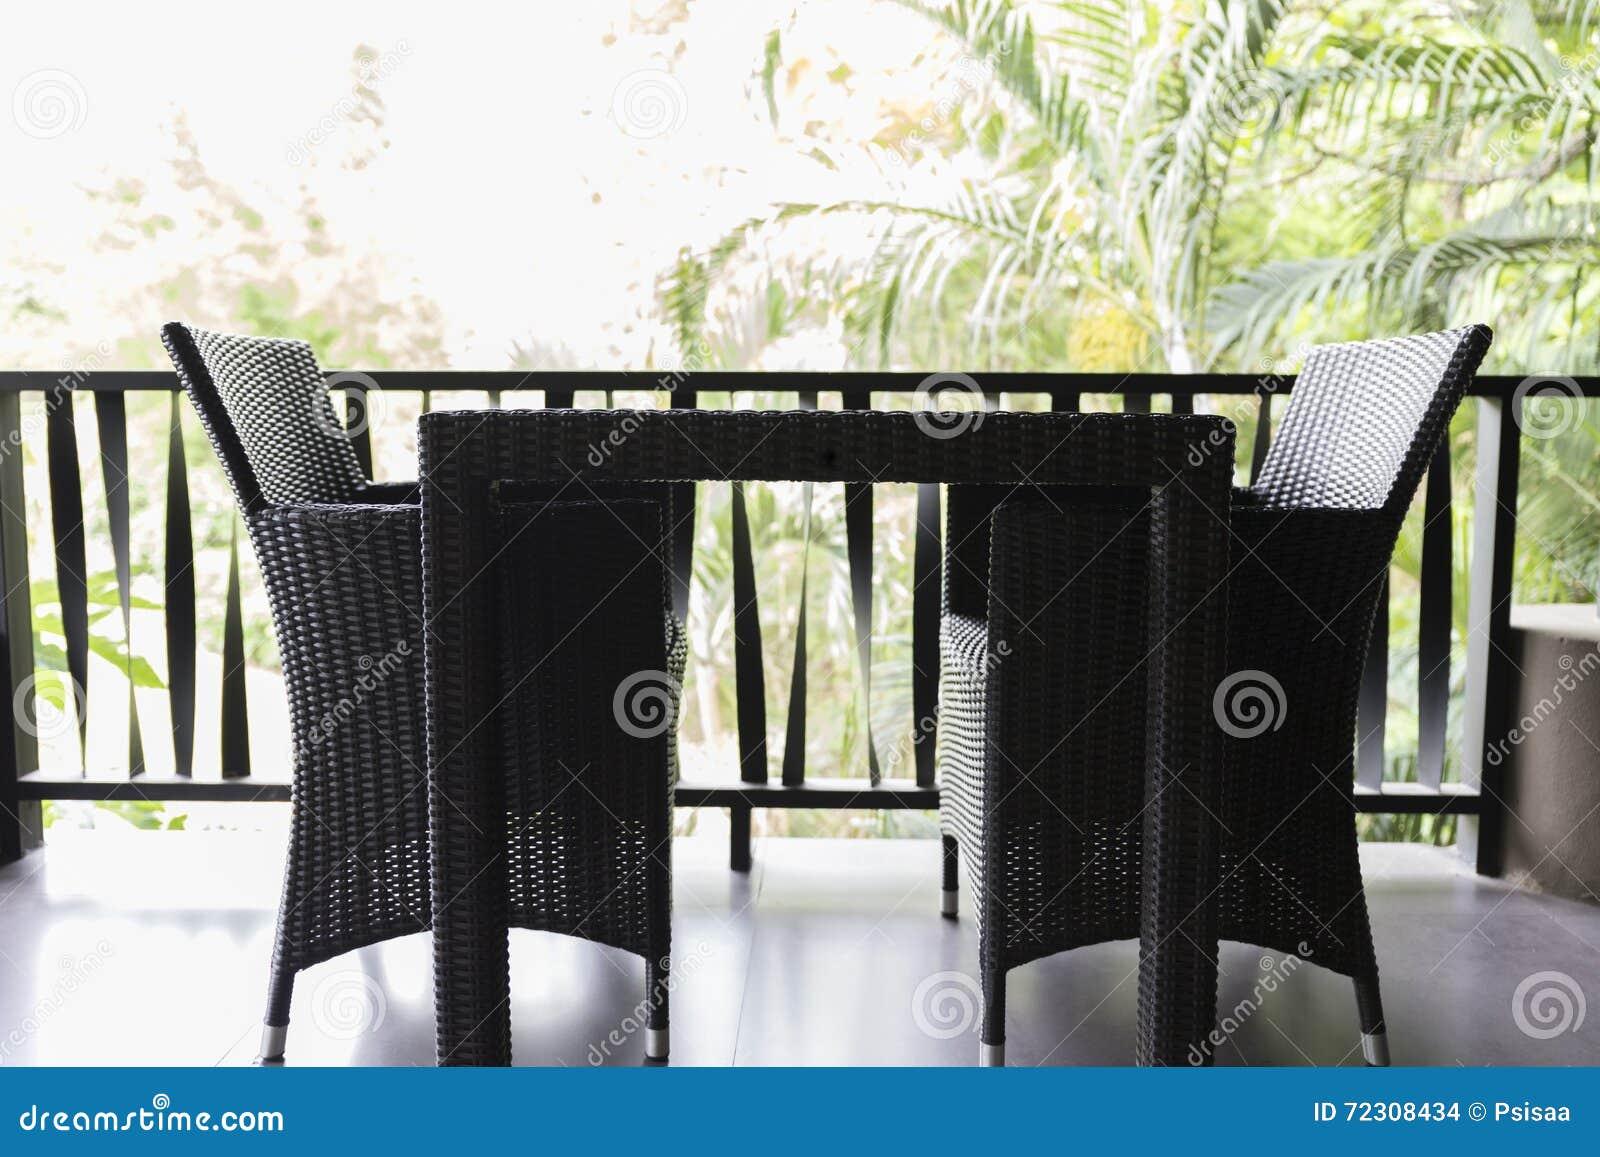 Zwarte Rieten Stoel : Zwarte rieten stoel en lijst bij balkon stock foto afbeelding